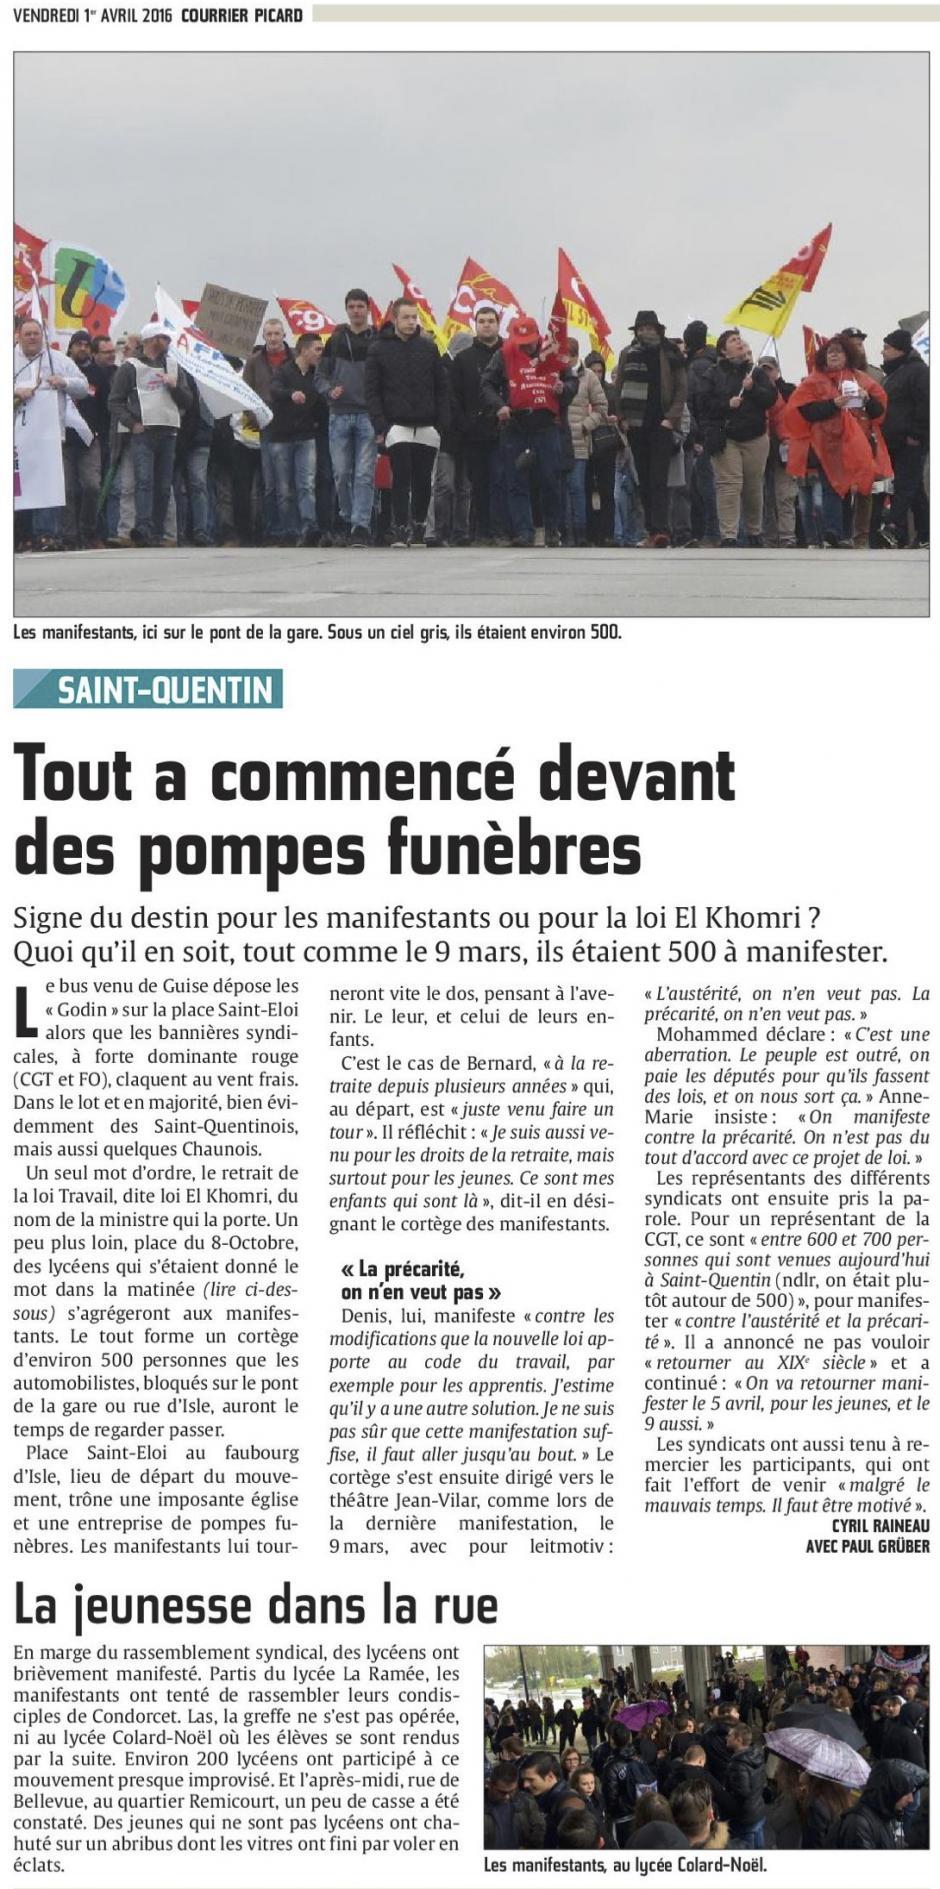 20160401-CP-Saint-Quentin-La jeunesse dans la rue [édition Saint-Quentin]